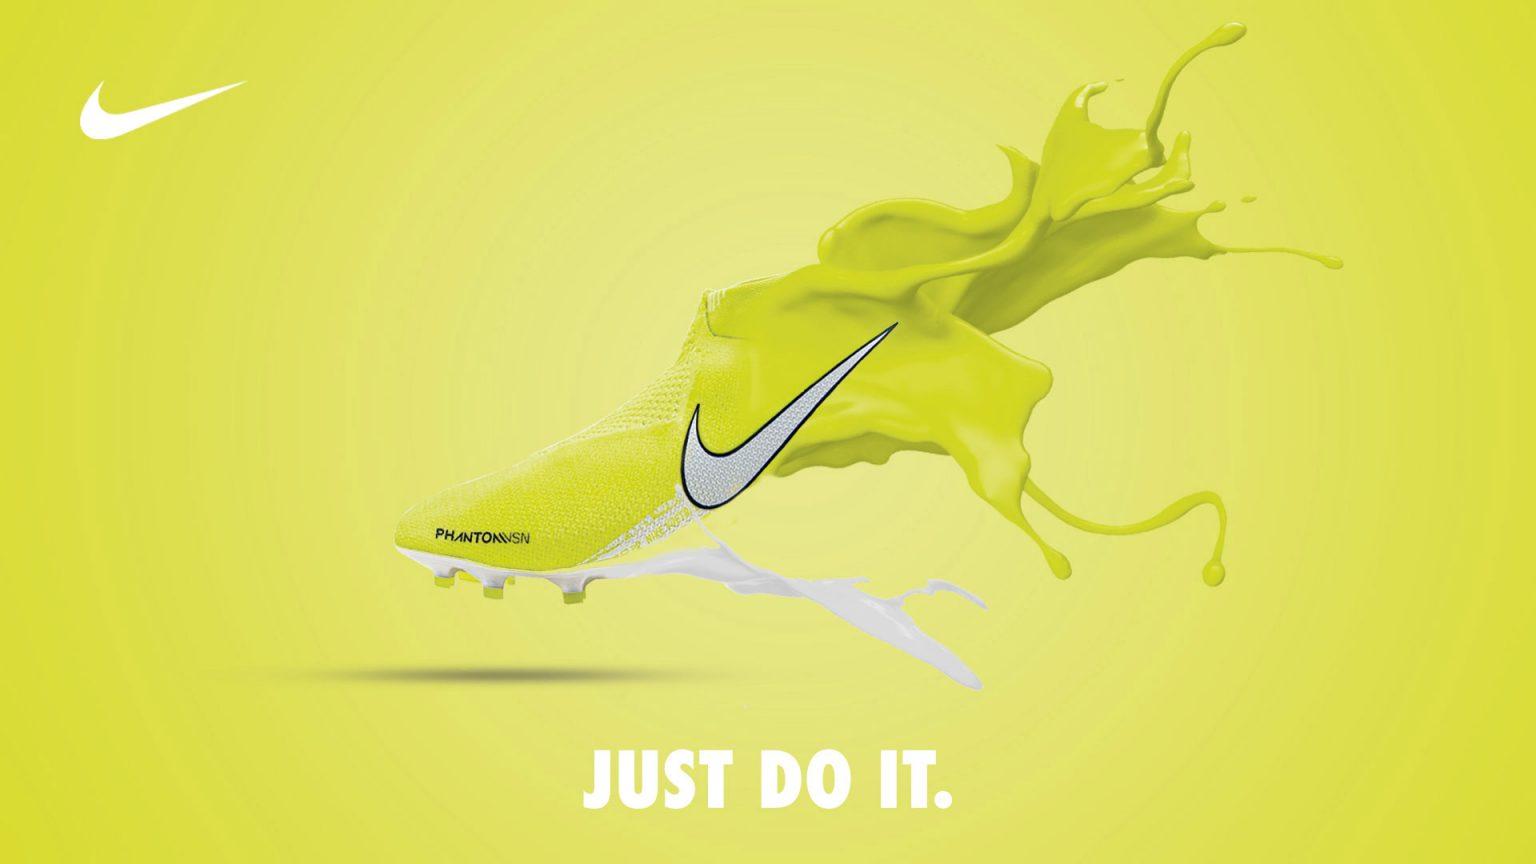 Thương hiệu đồ dùng thể thao Nike đã định và và tạo được tệp khách hàng trung thành với 1 slogan ấn tượng.